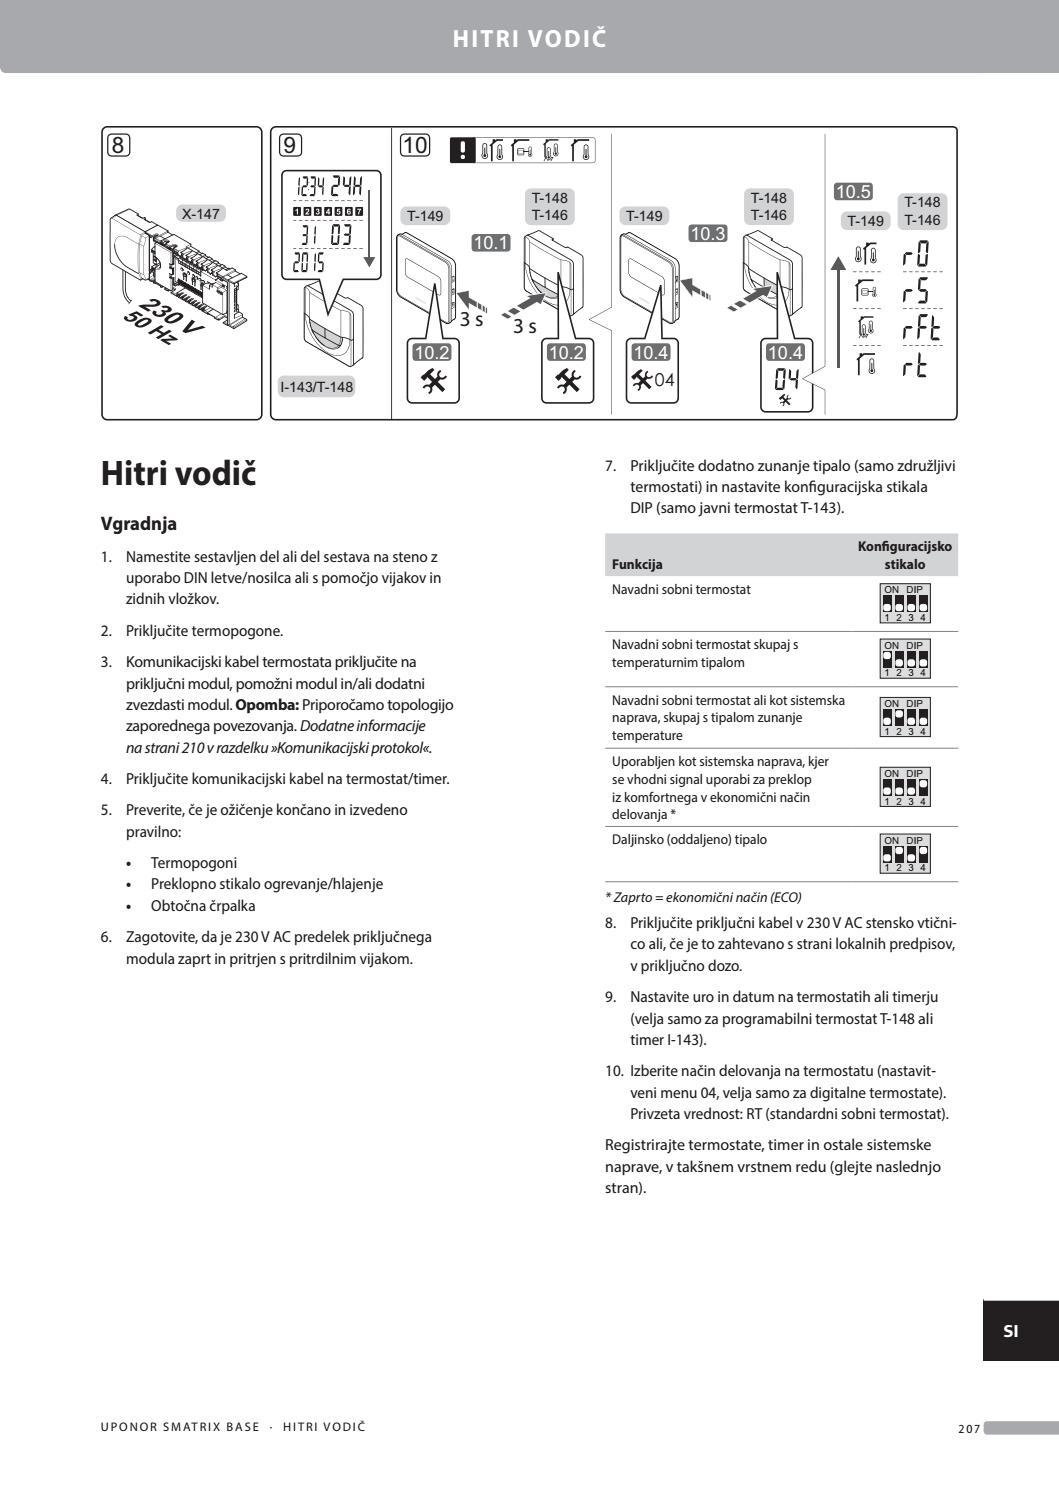 priključite digitalni termostat dobar profil na primjeru web mjesta za upoznavanje